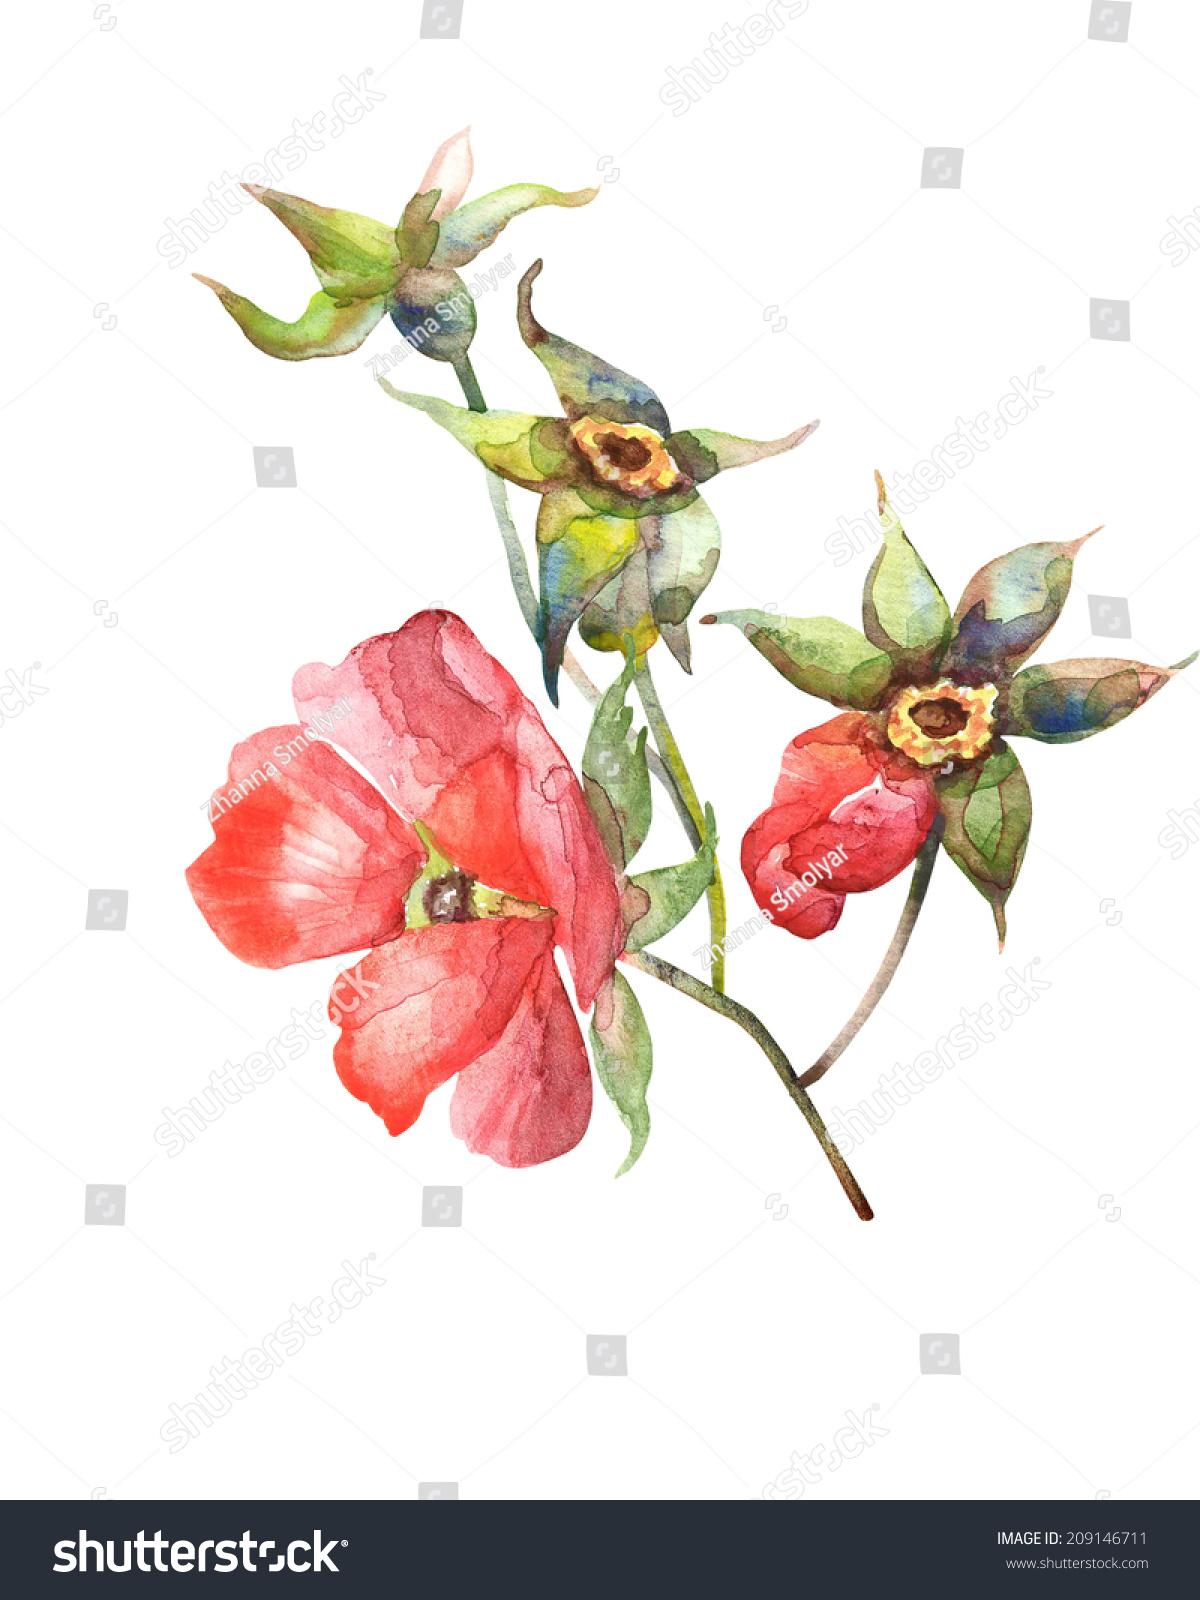 红玫瑰嫩枝.水彩手绘插图.-背景/素材,抽象-海洛创意